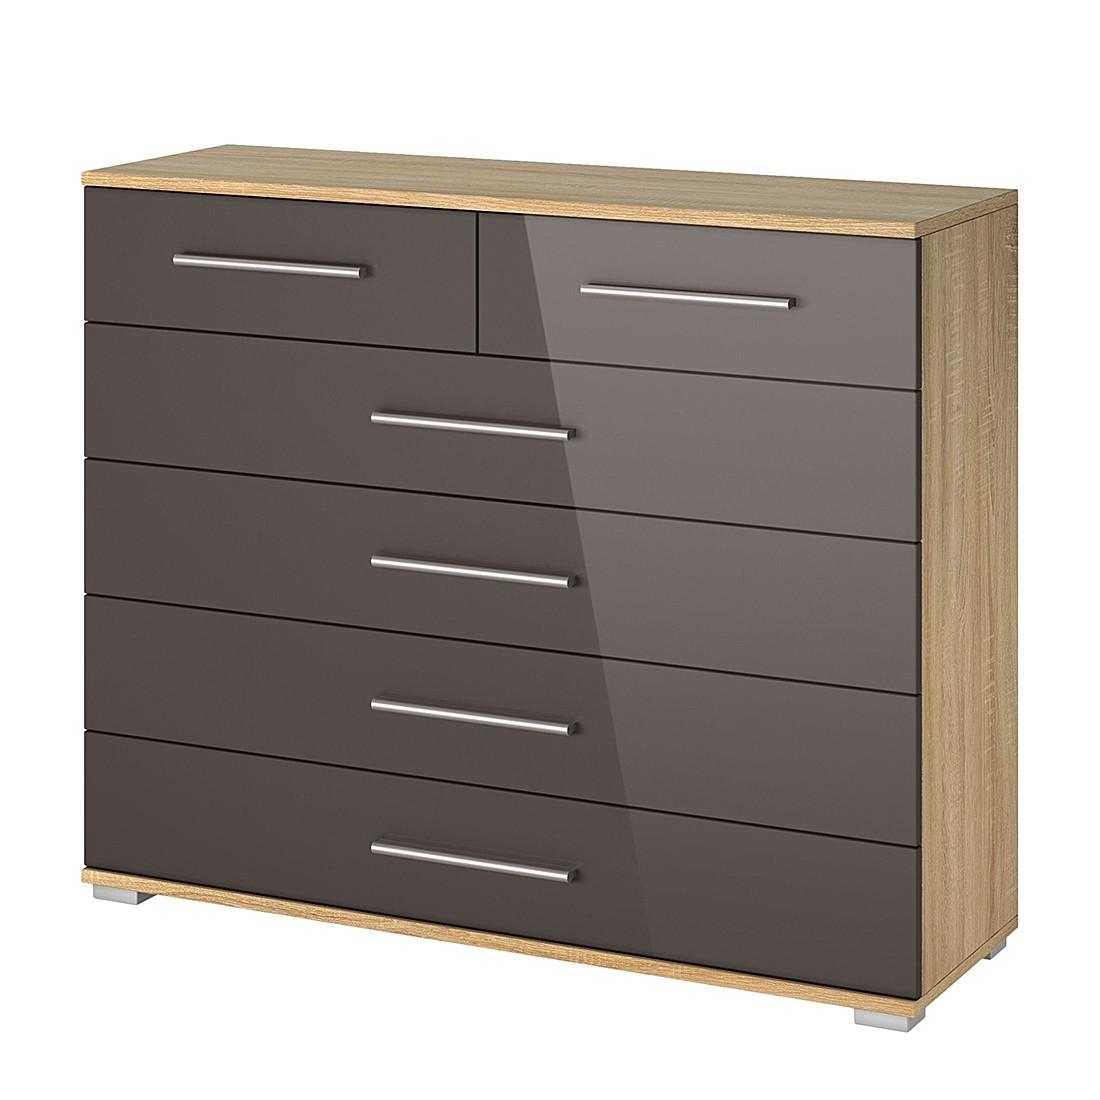 Commode à tiroirs Quadra II - Imitation chêne de Sonoma / Gris lave brillant, Rauch Packs